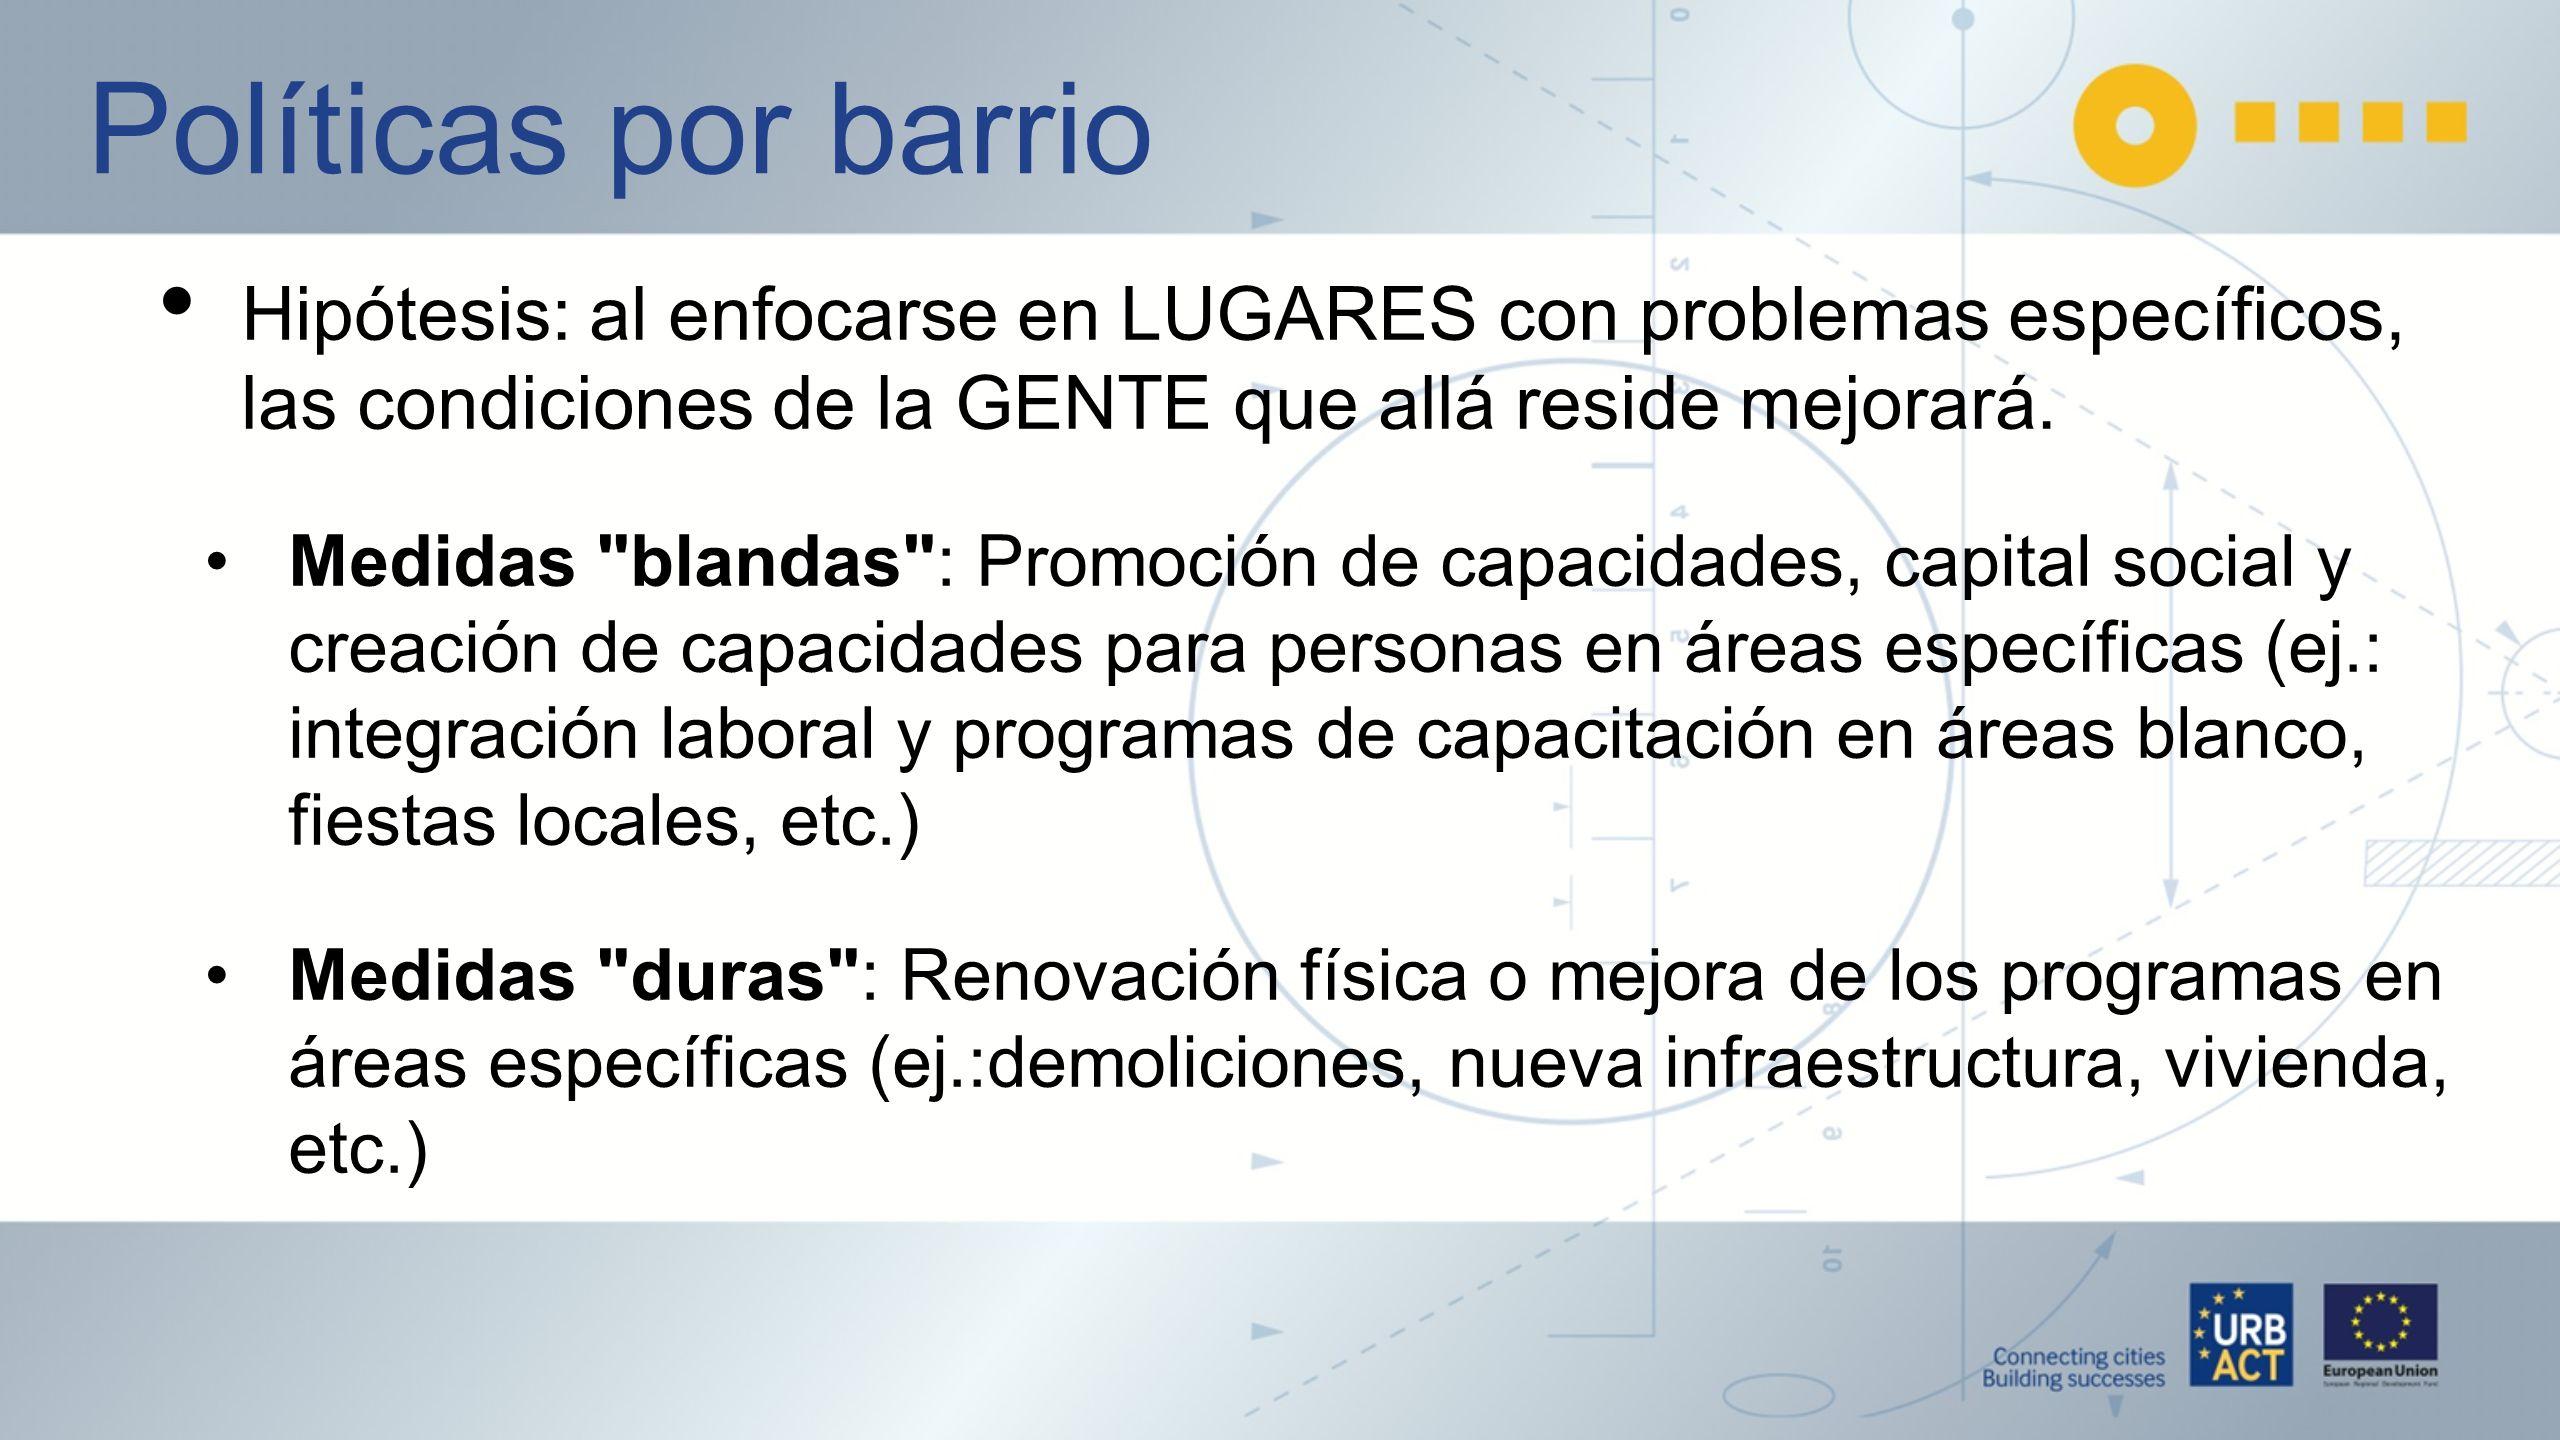 Políticas por barrio Hipótesis: al enfocarse en LUGARES con problemas específicos, las condiciones de la GENTE que allá reside mejorará.